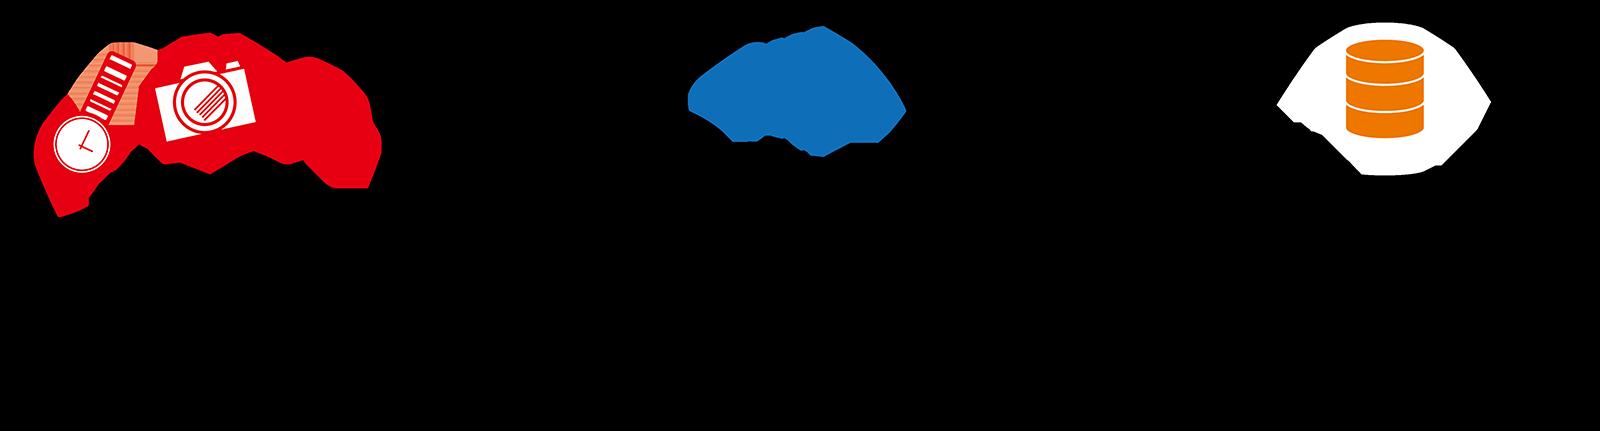 IoTのイメージ図